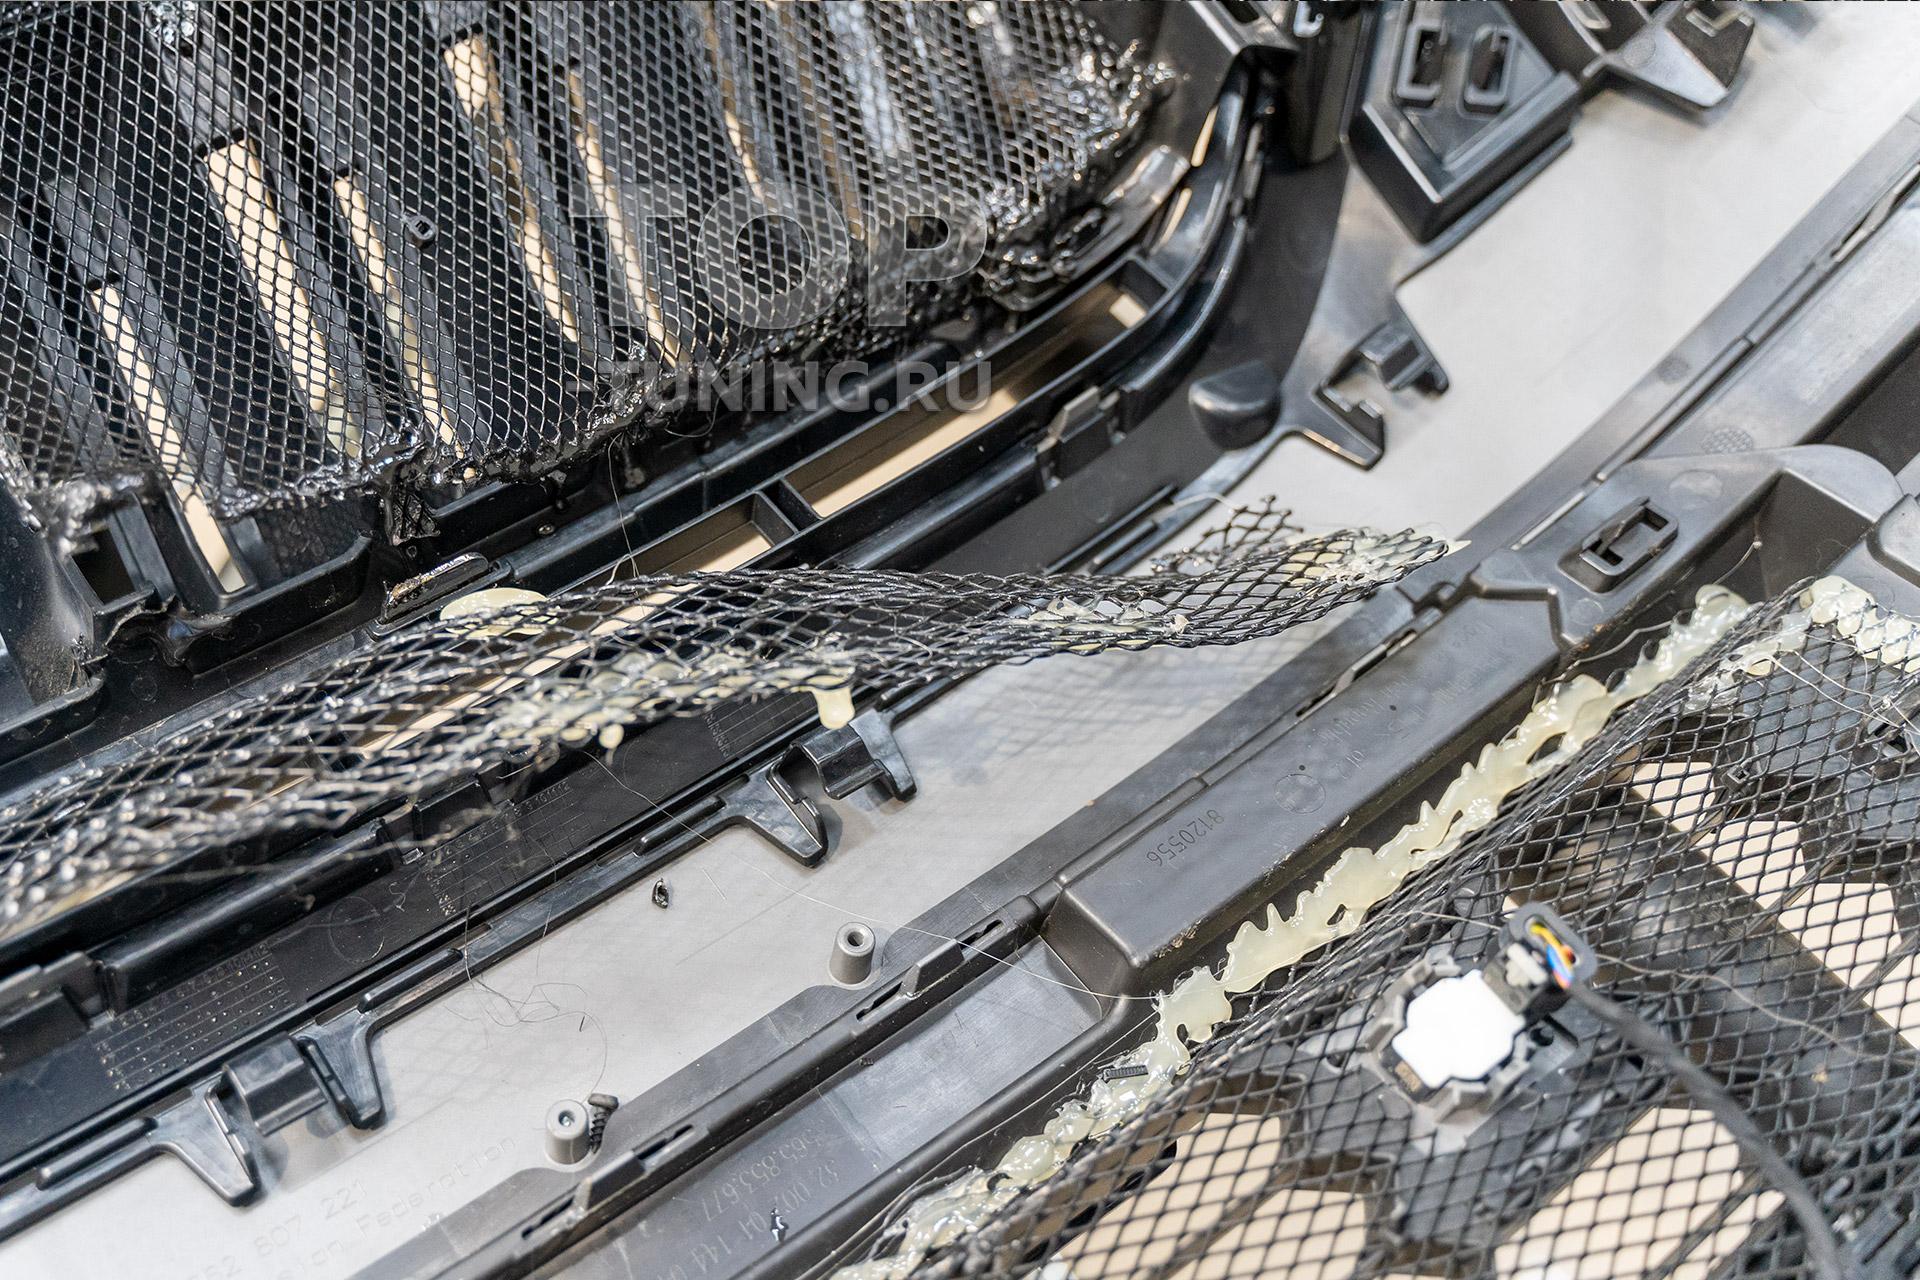 Ошибки при установке сетки фильтра в бампер и решетку радиатора